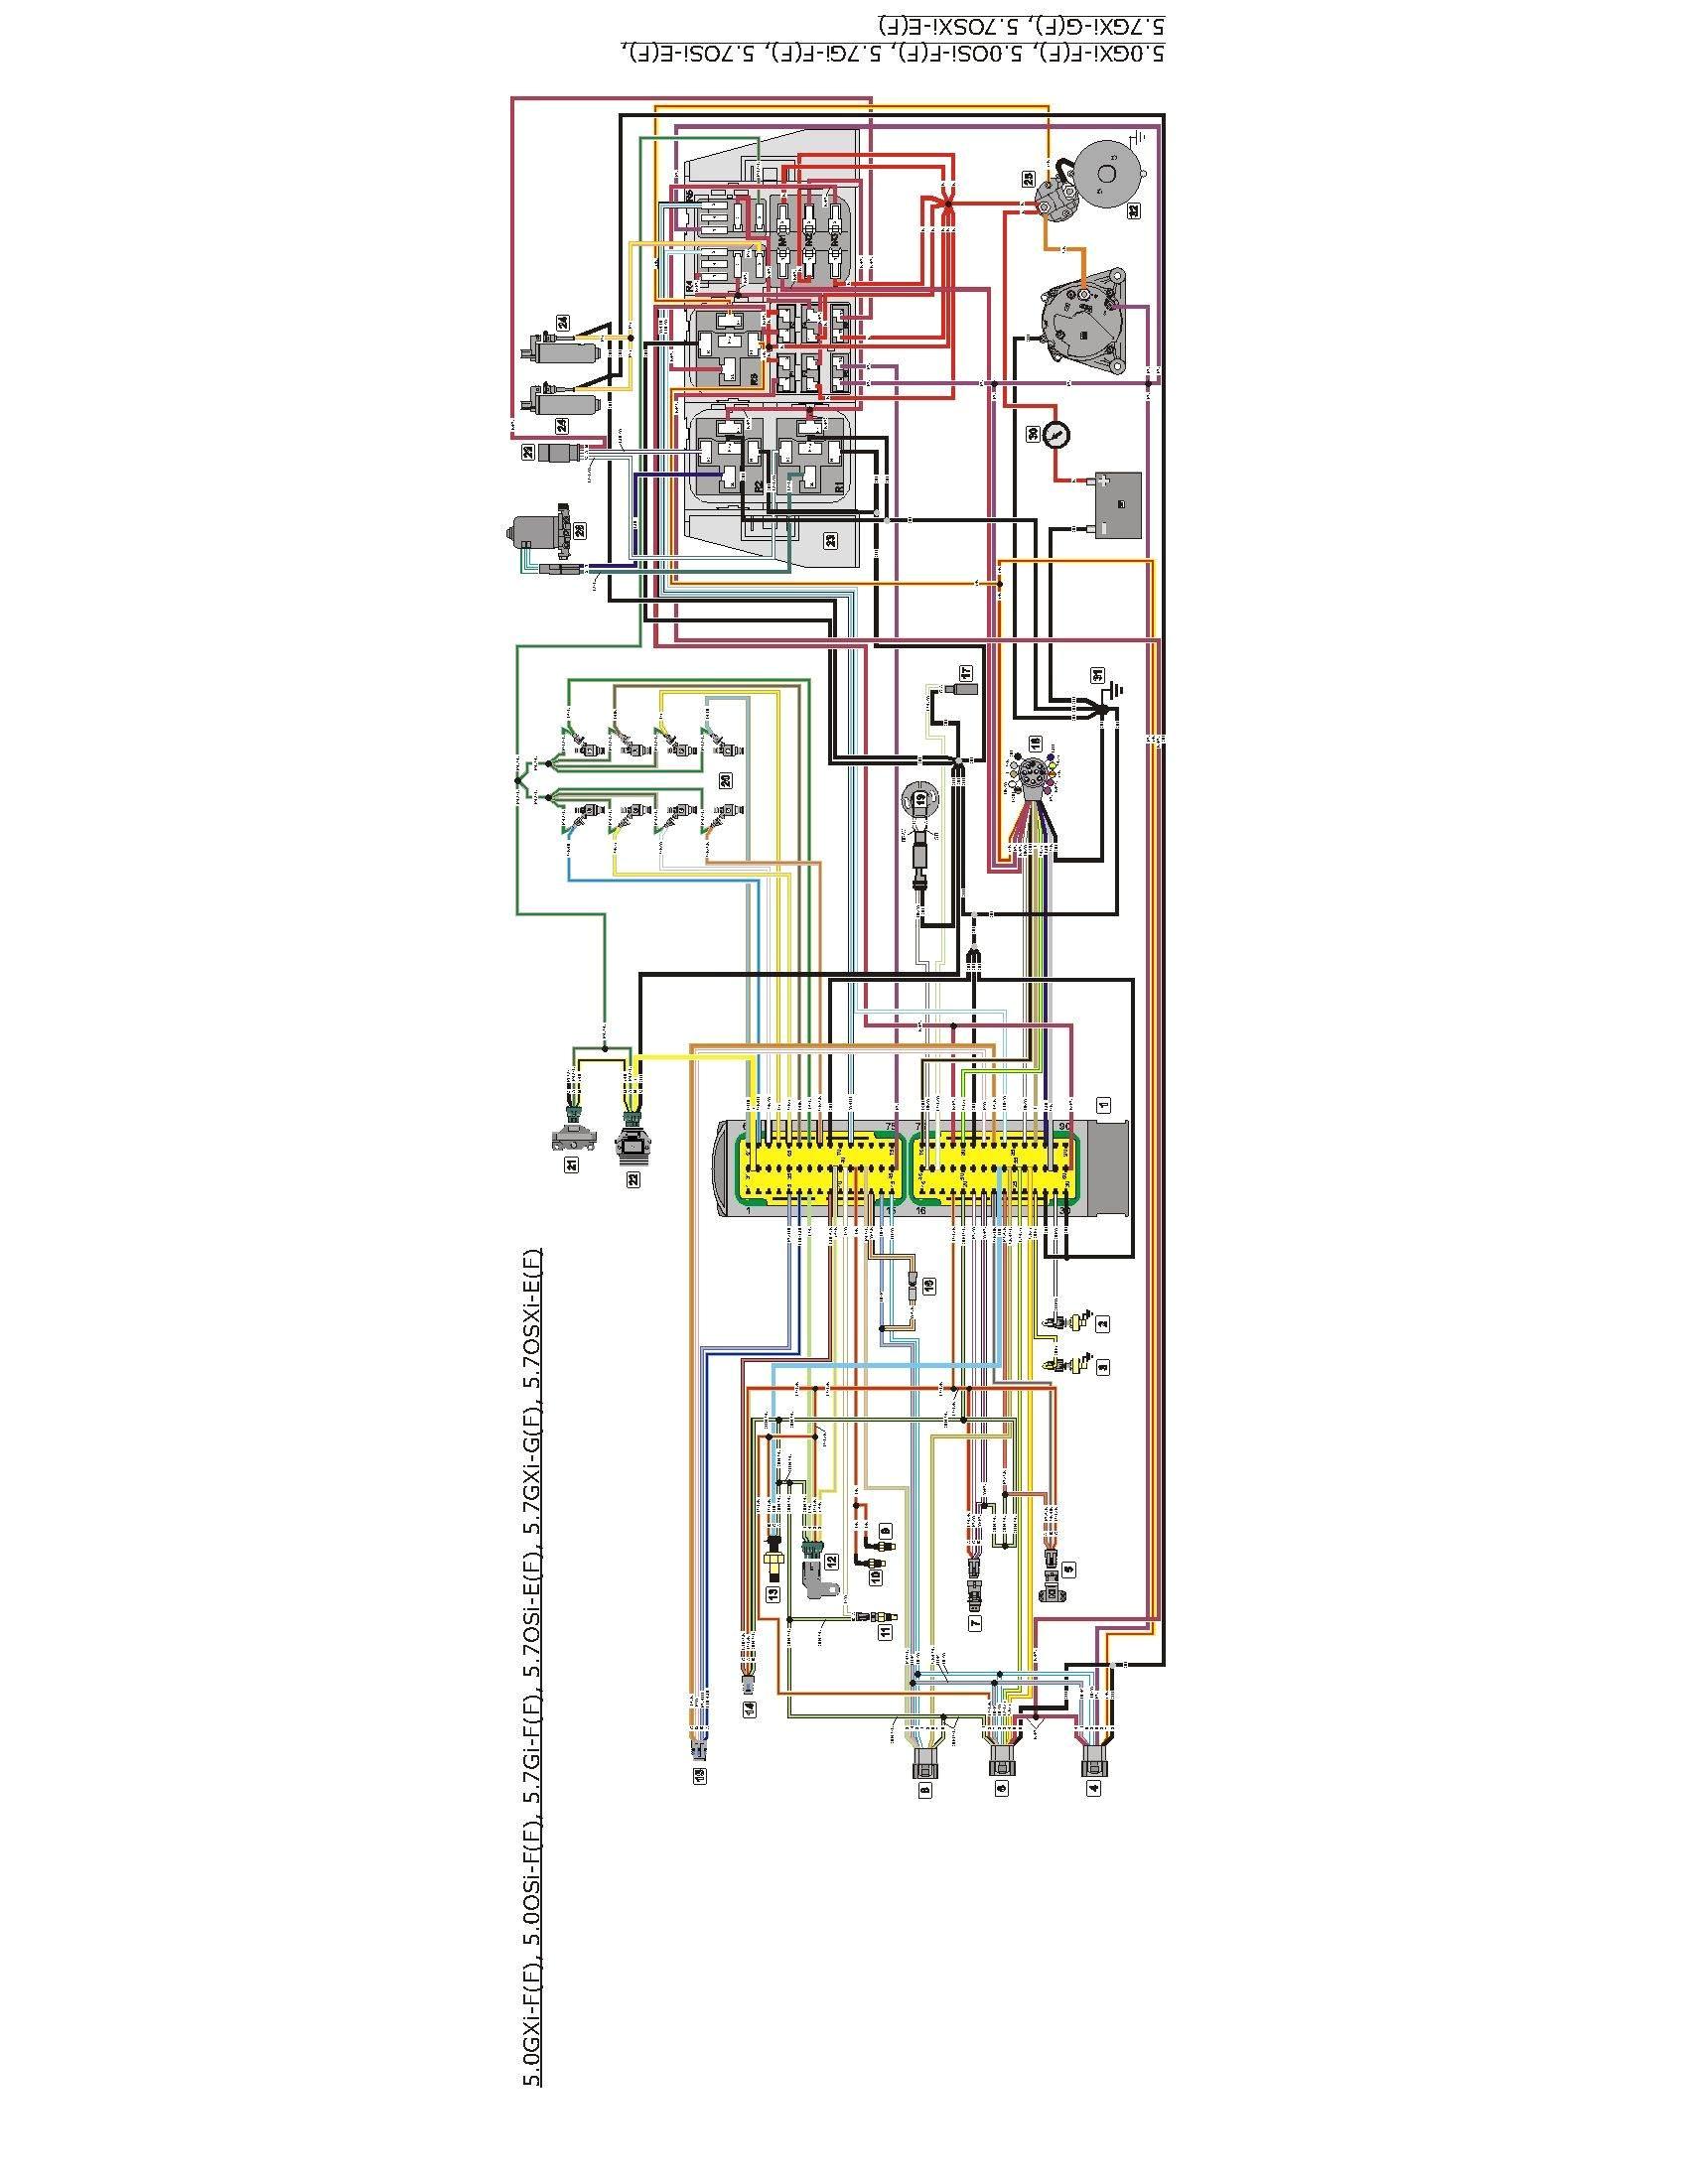 volvo penta marine engine diagram car diagram images volvo penta 5 0 engine diagram volvo penta engine diagram